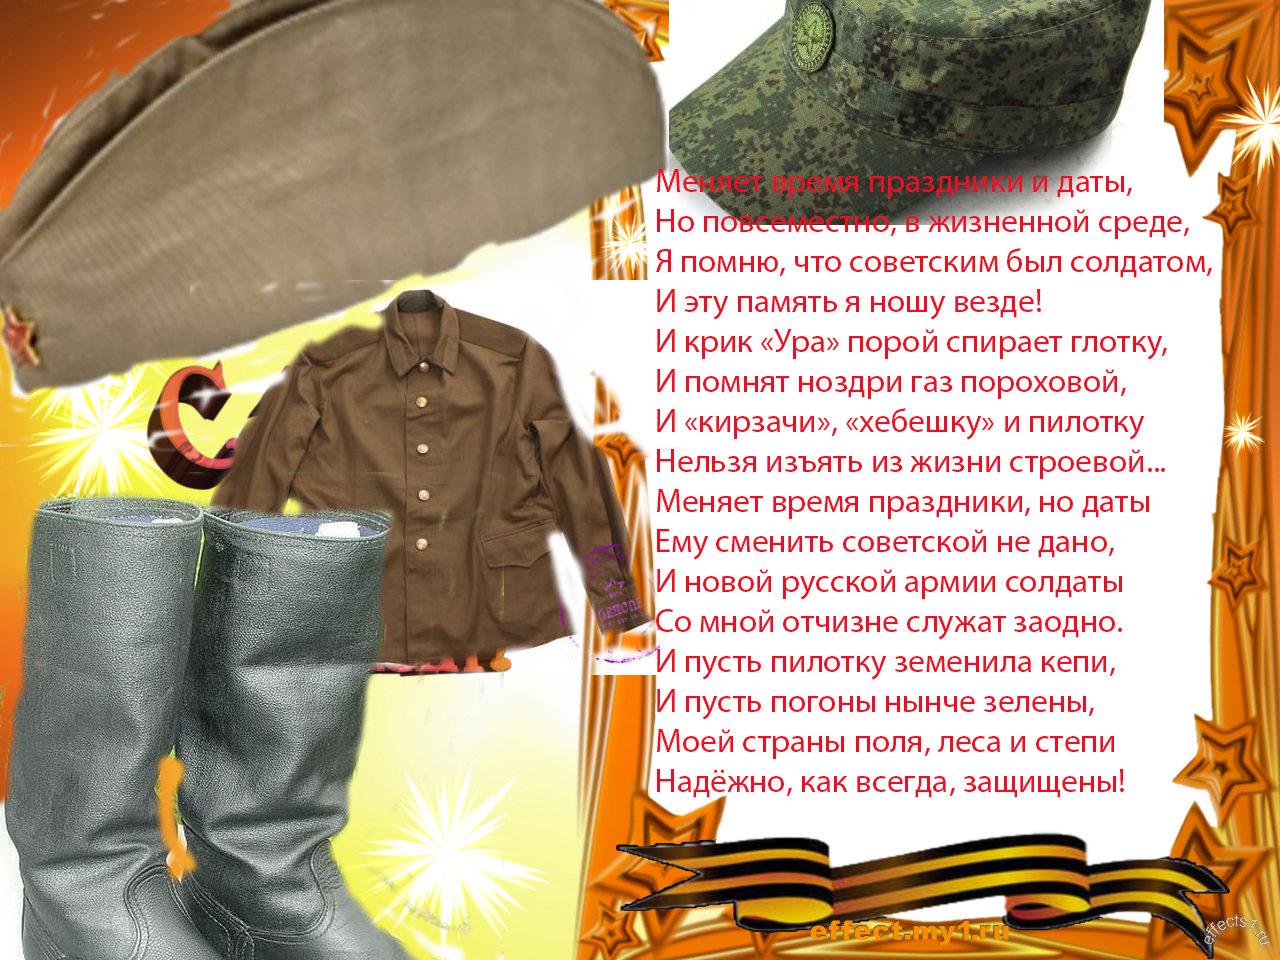 image?id=867124831185&t=3&plc=WEB&tkn=*-